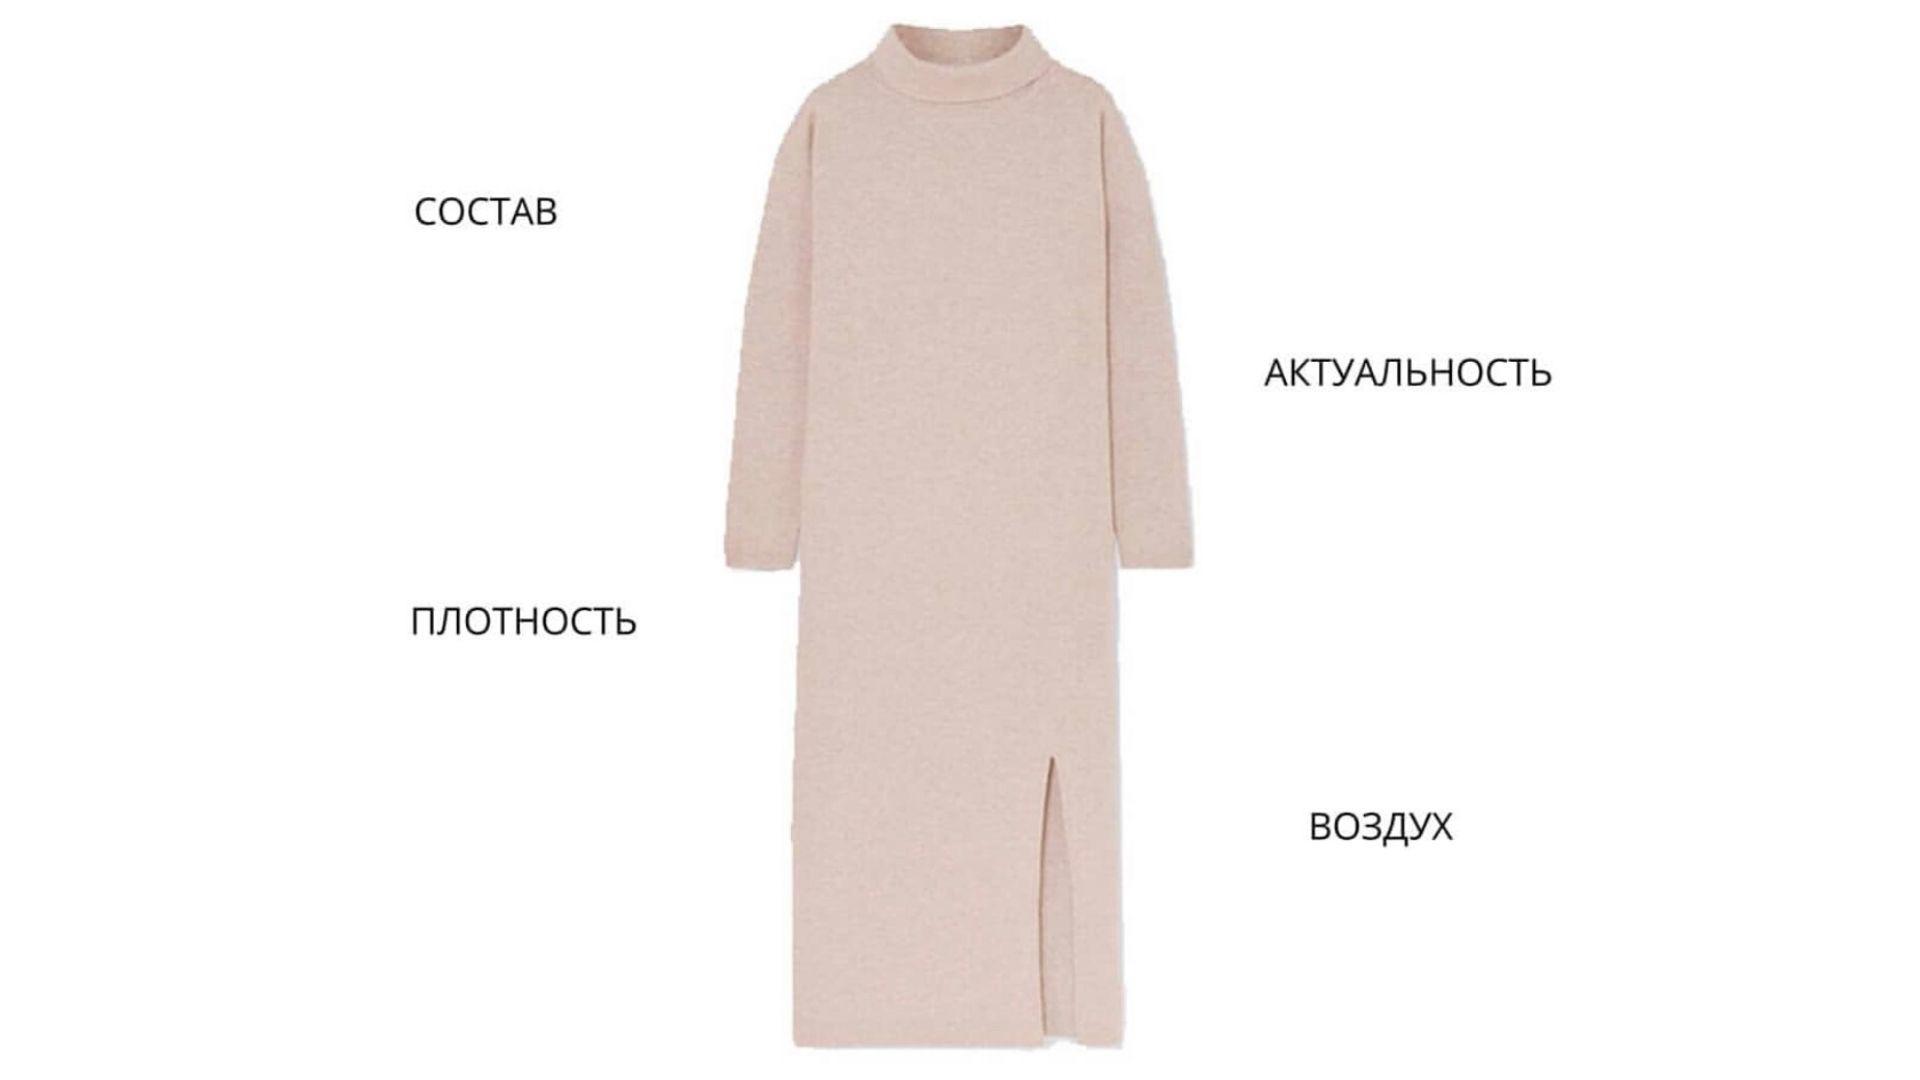 Как подобрать трикотажное платье